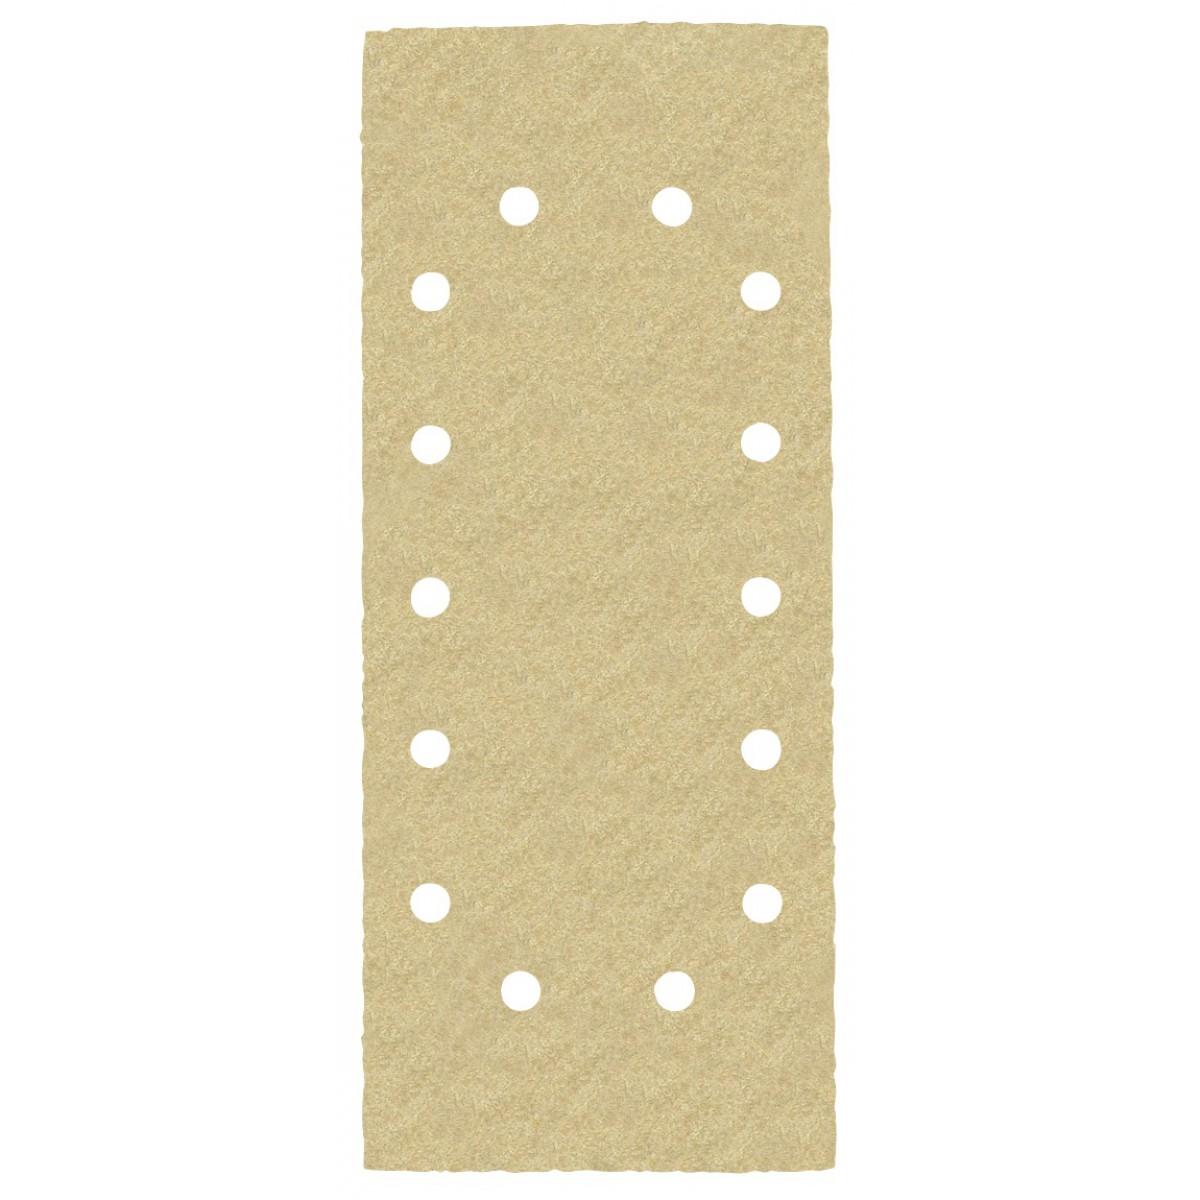 Patin fixation avec pince 115 x 280 mm SCID - Grain 40 - Vendu par 5